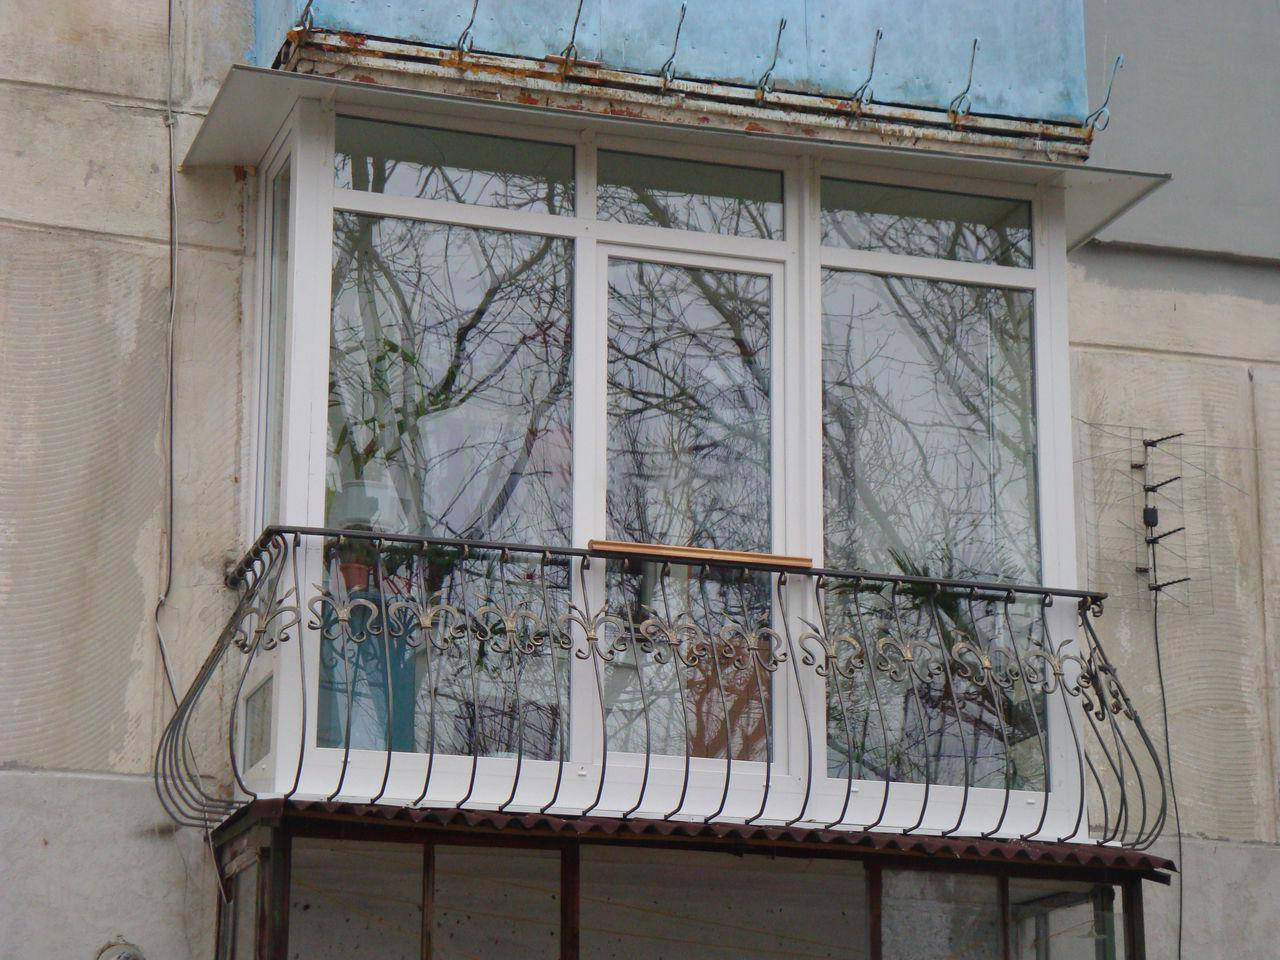 Согласование, разрешение на остекление балкона, лоджии